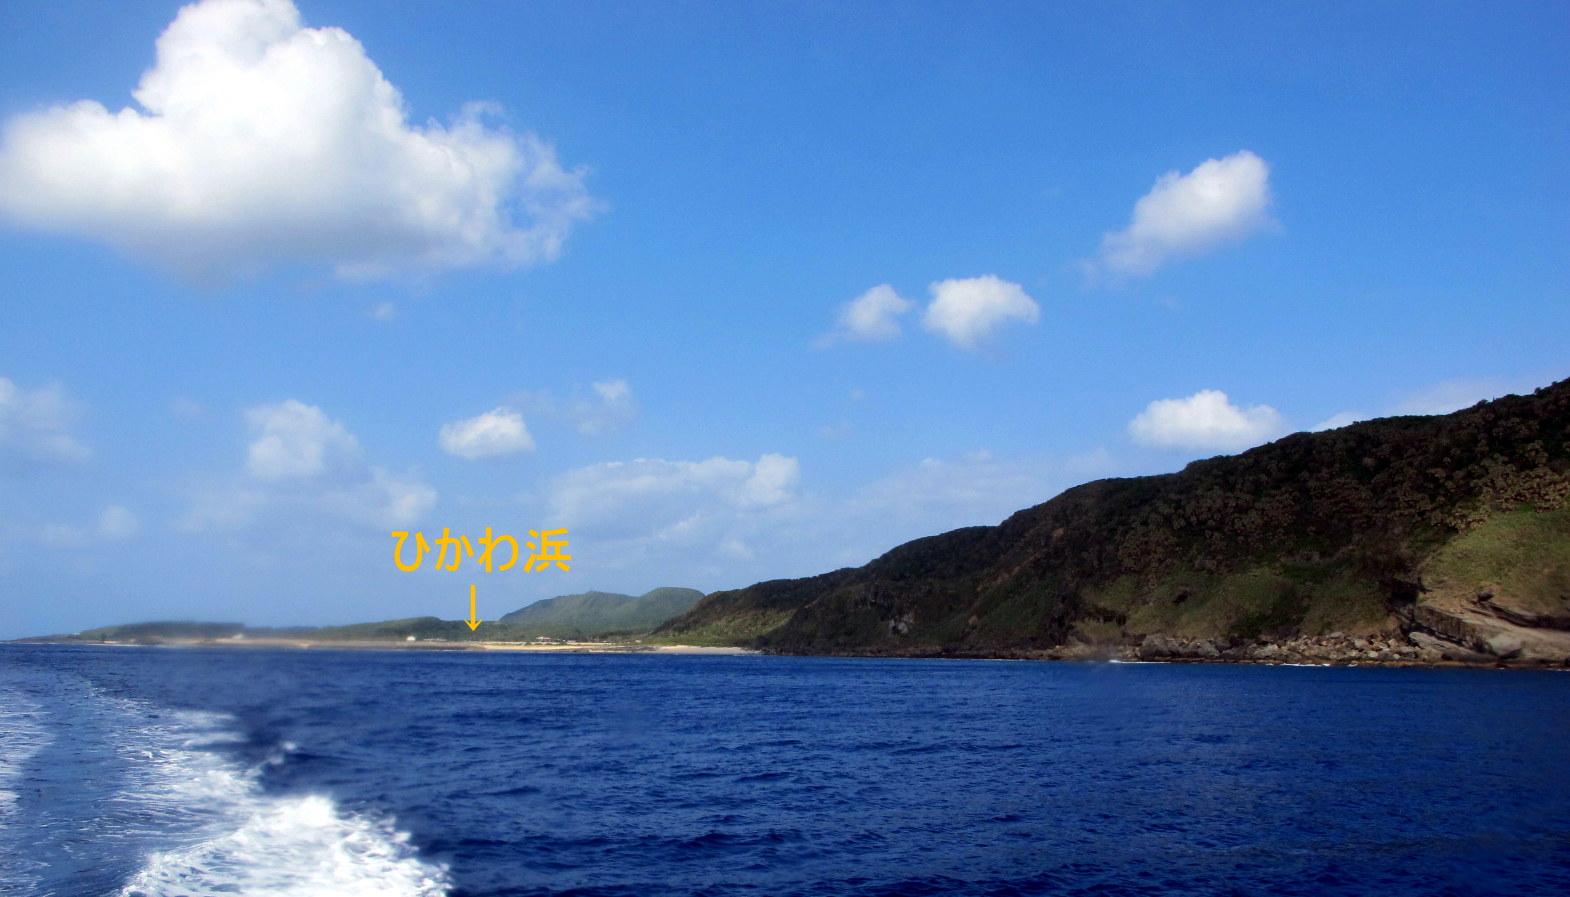 10月16日  台風26号は関東を北上_b0158746_20525784.jpg